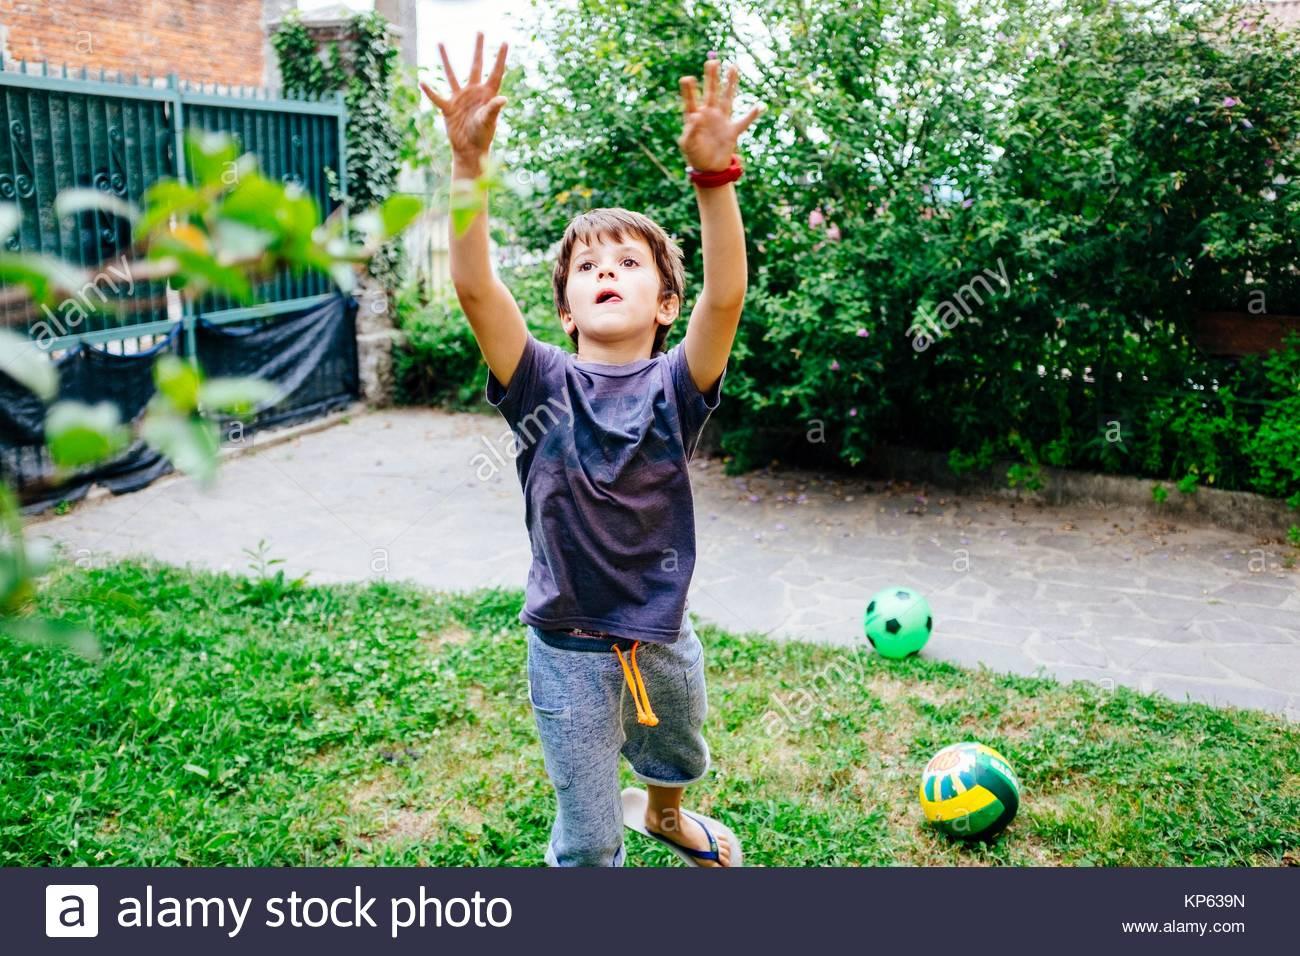 Bambino gioca palla nel giardino della casa Immagini Stock